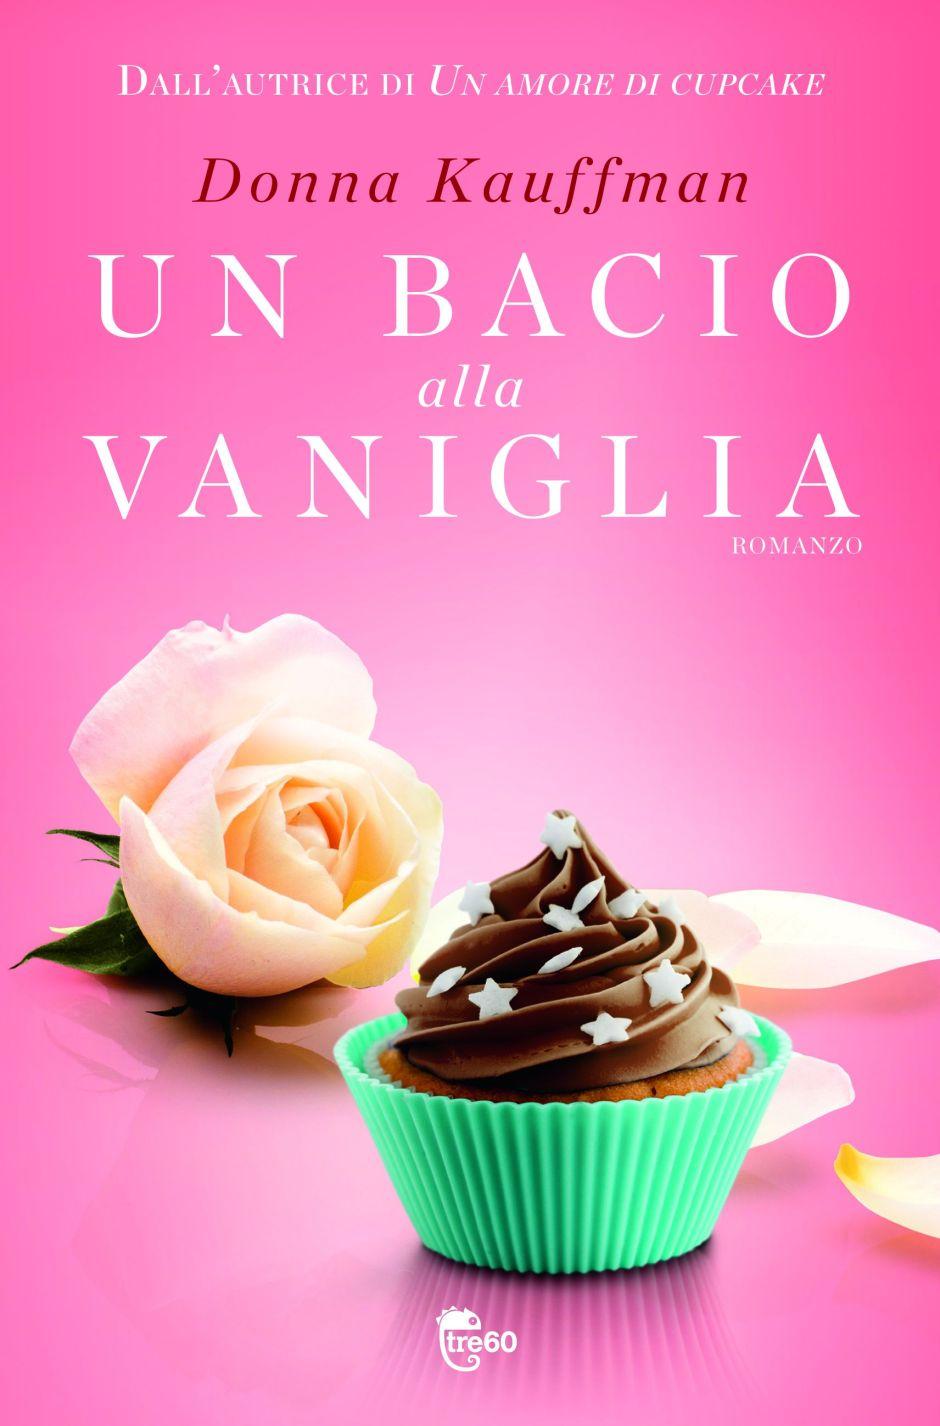 Anteprima: https://wonderfulmonsterbook.wordpress.com/2013/06/27/luglio-2013-un-bacio-alla-vaniglia-di-donna-kauffman-tre60/